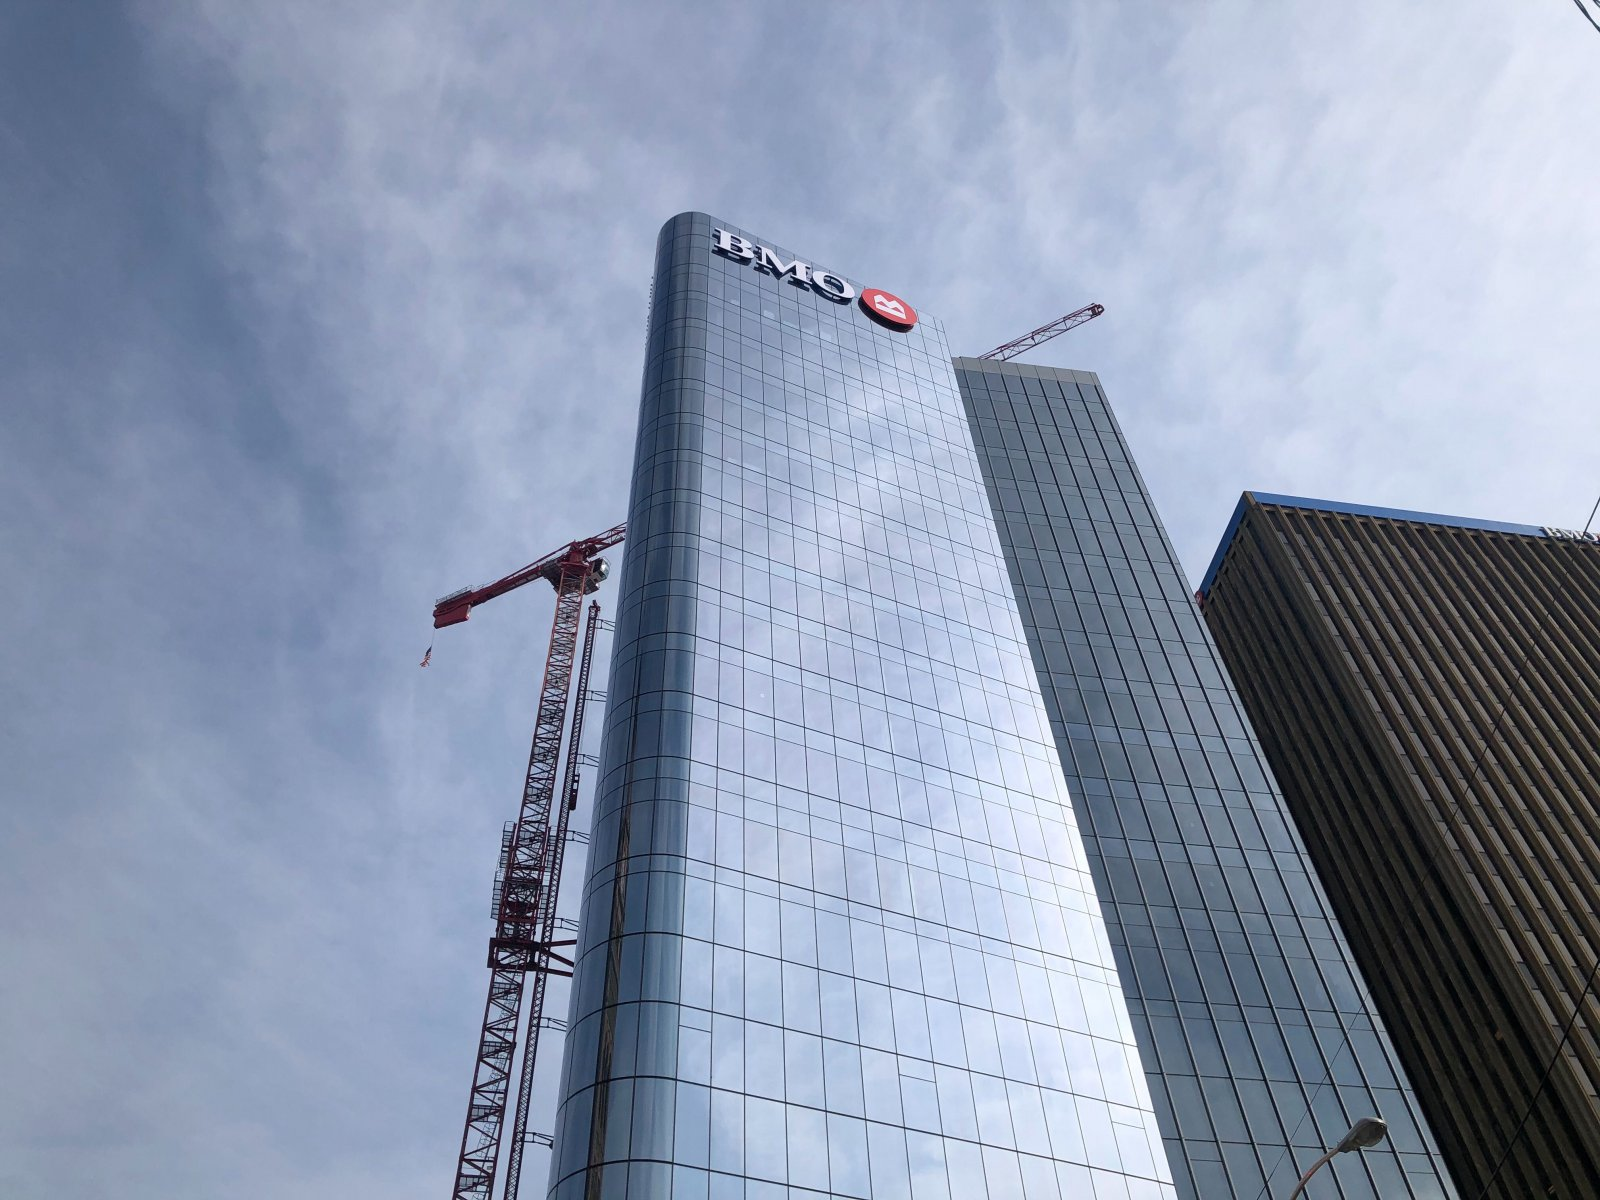 BMO Tower